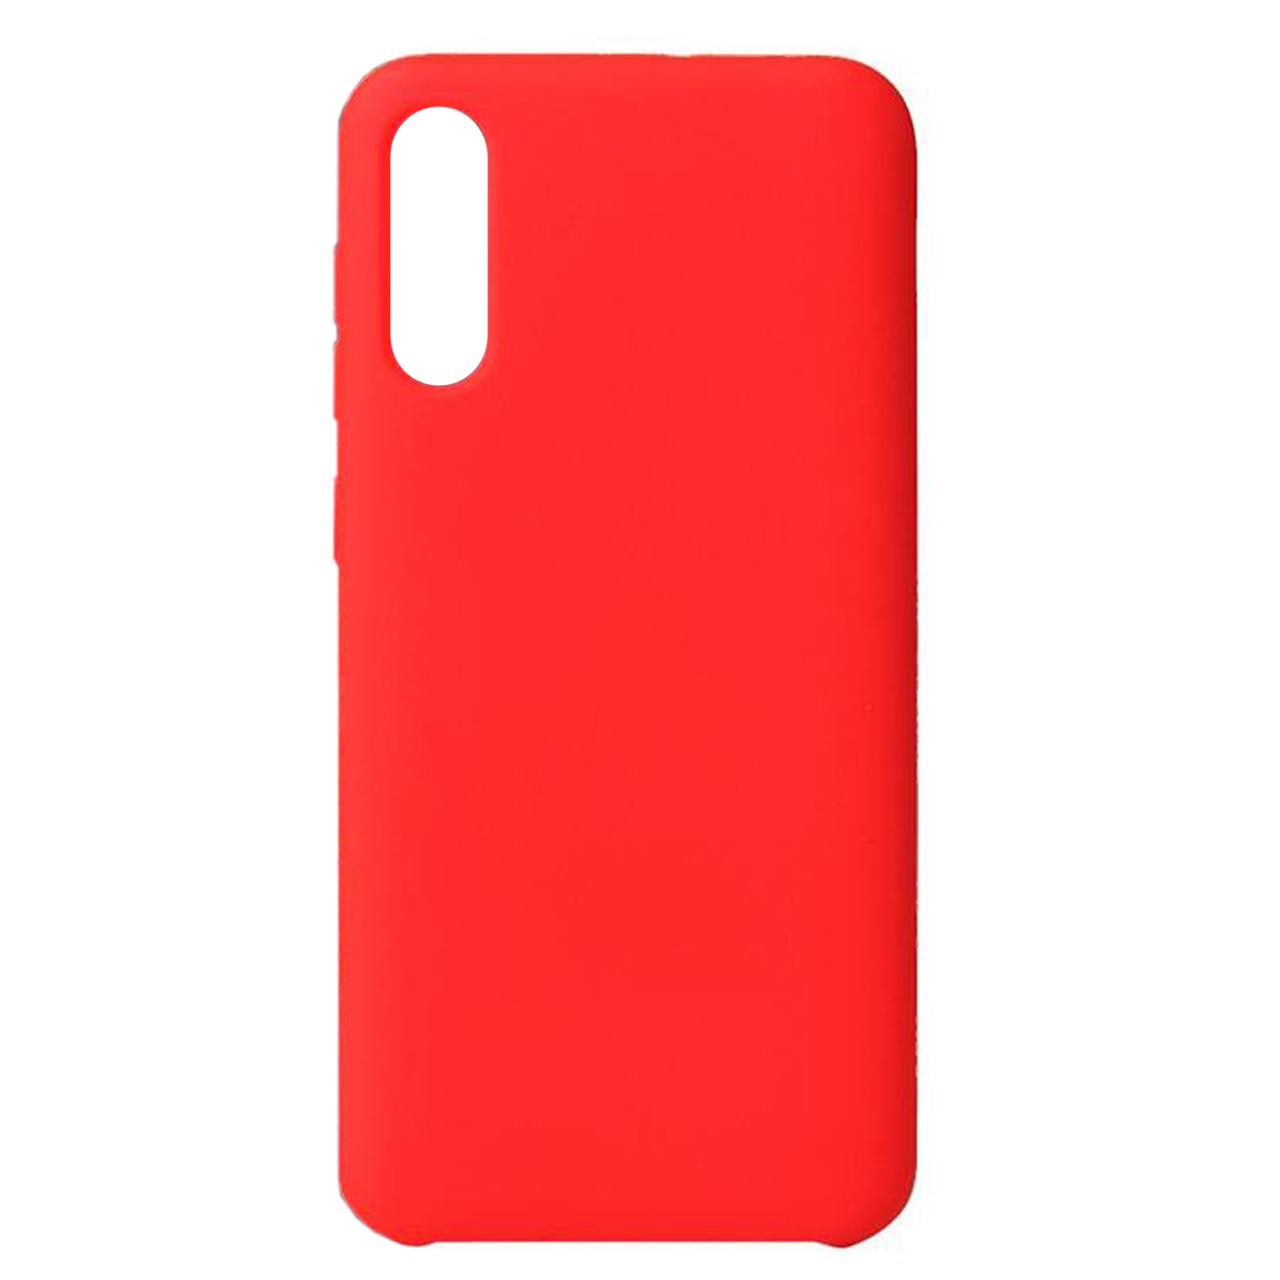 کاور  مدل sic-01 مناسب برای گوشی موبایل سامسونگ Galaxy A50